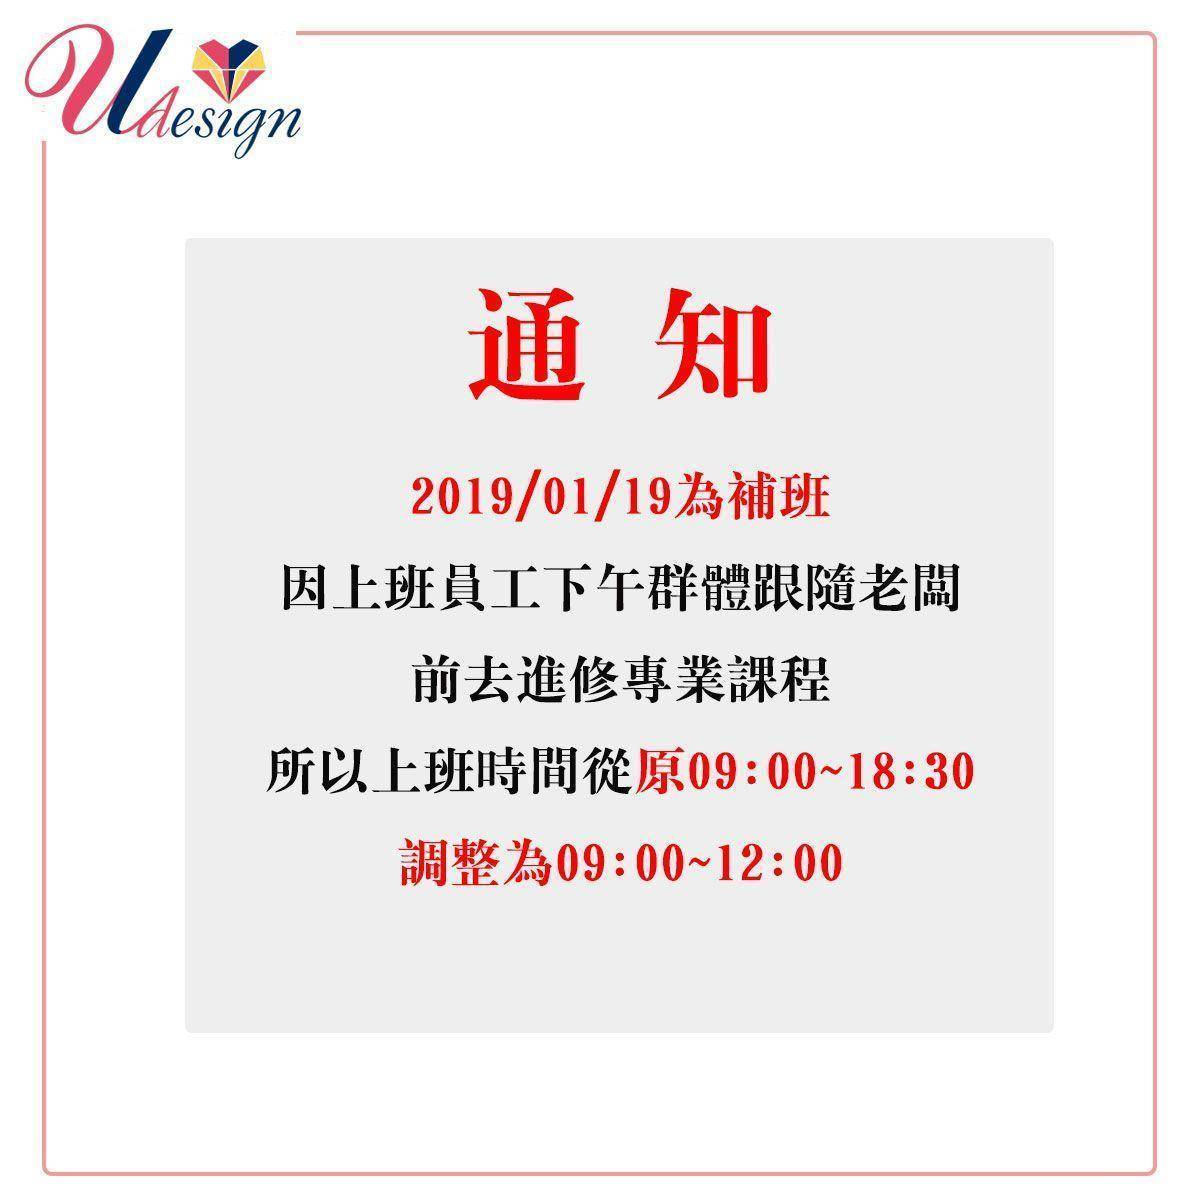 2019/01/19 優聯創意設計印刷有限公司-下午停班通知